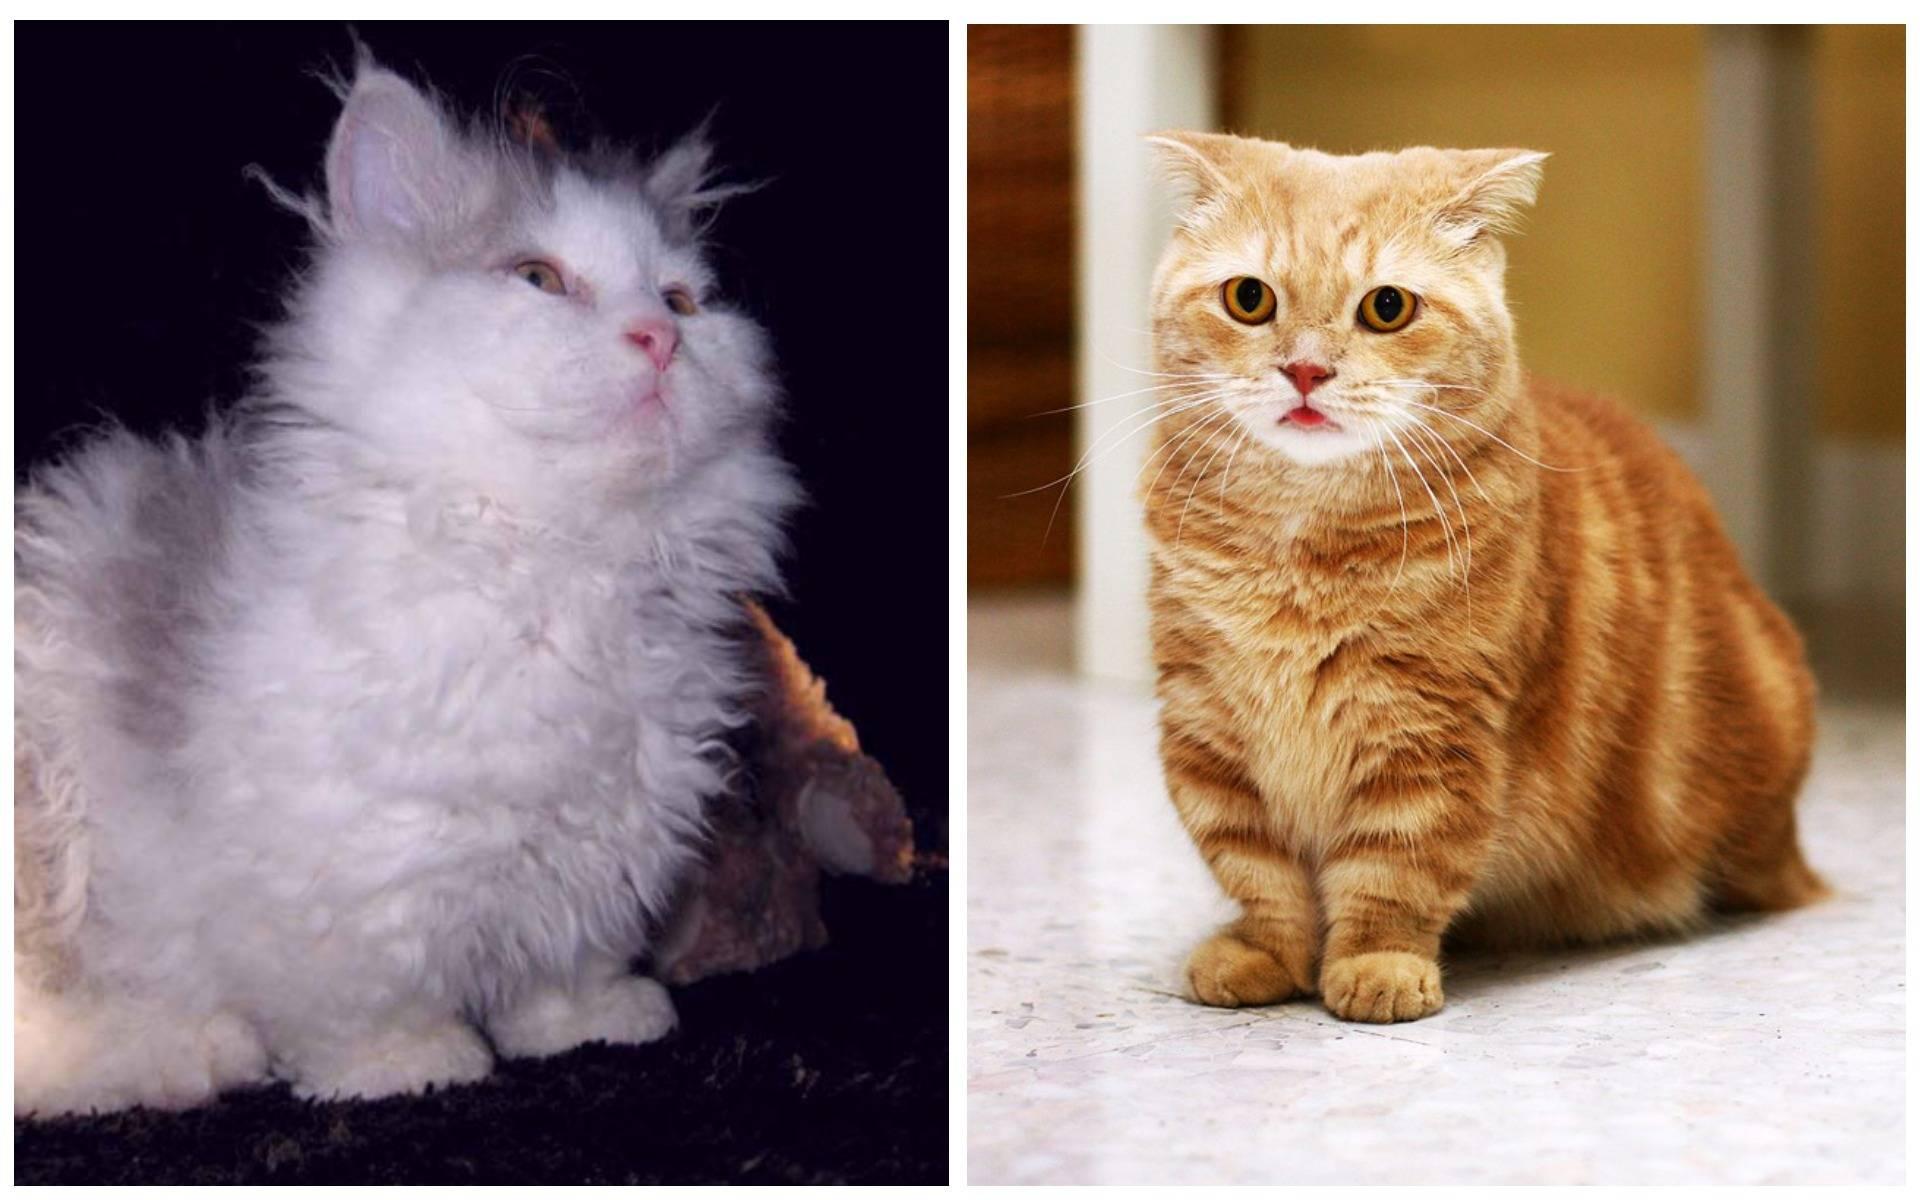 ᐉ самые маленькие кошки - ➡ motildazoo.ru